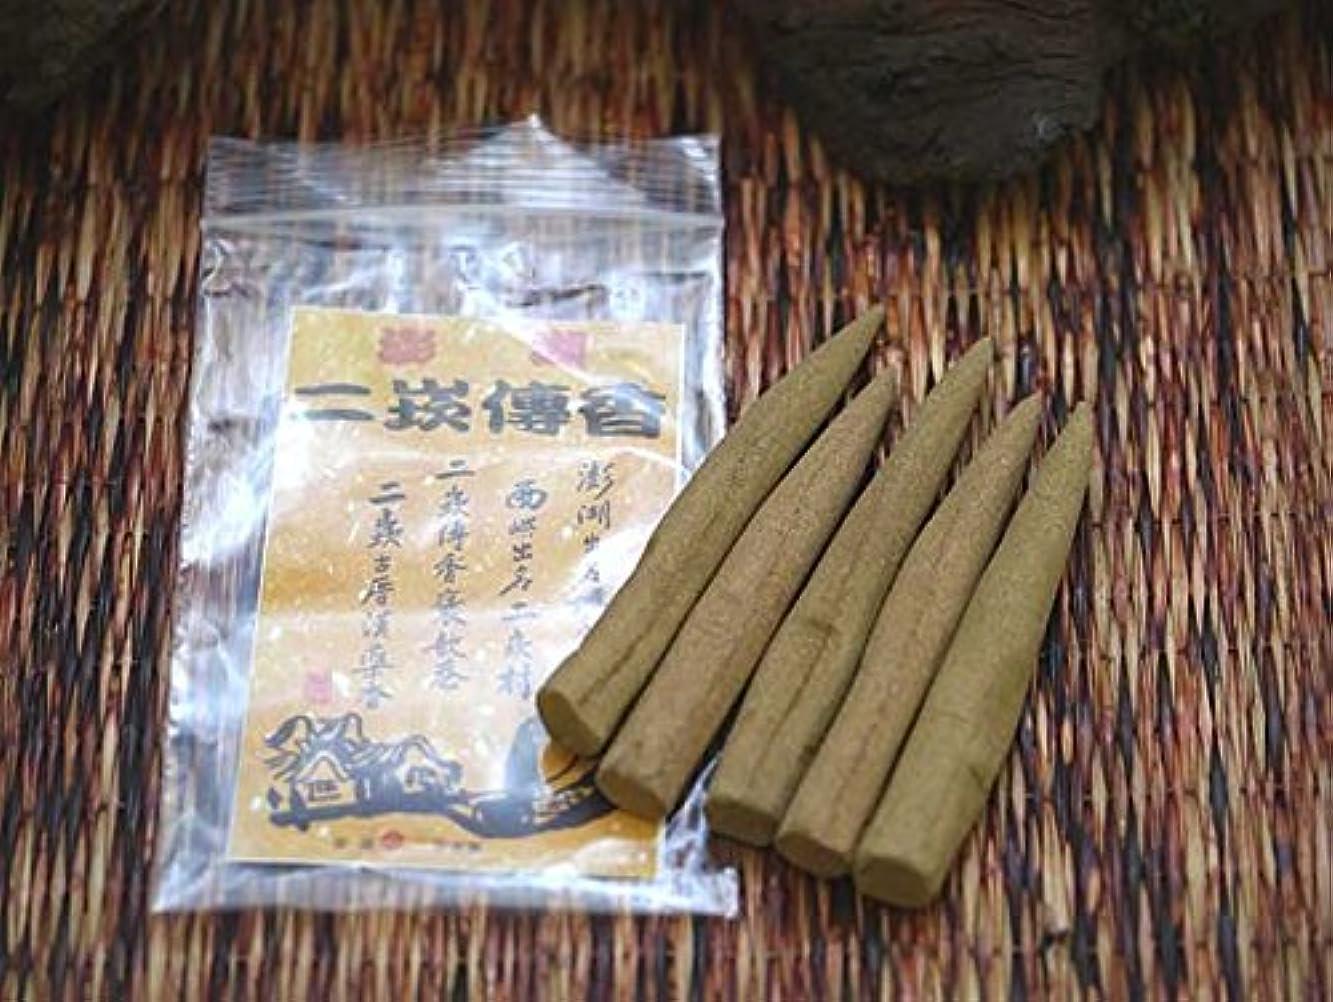 銀行文明化スラックニガンハクコウ 【二 傳香(小)】台湾は澎湖島でのみ作られている伝統的な魔除香